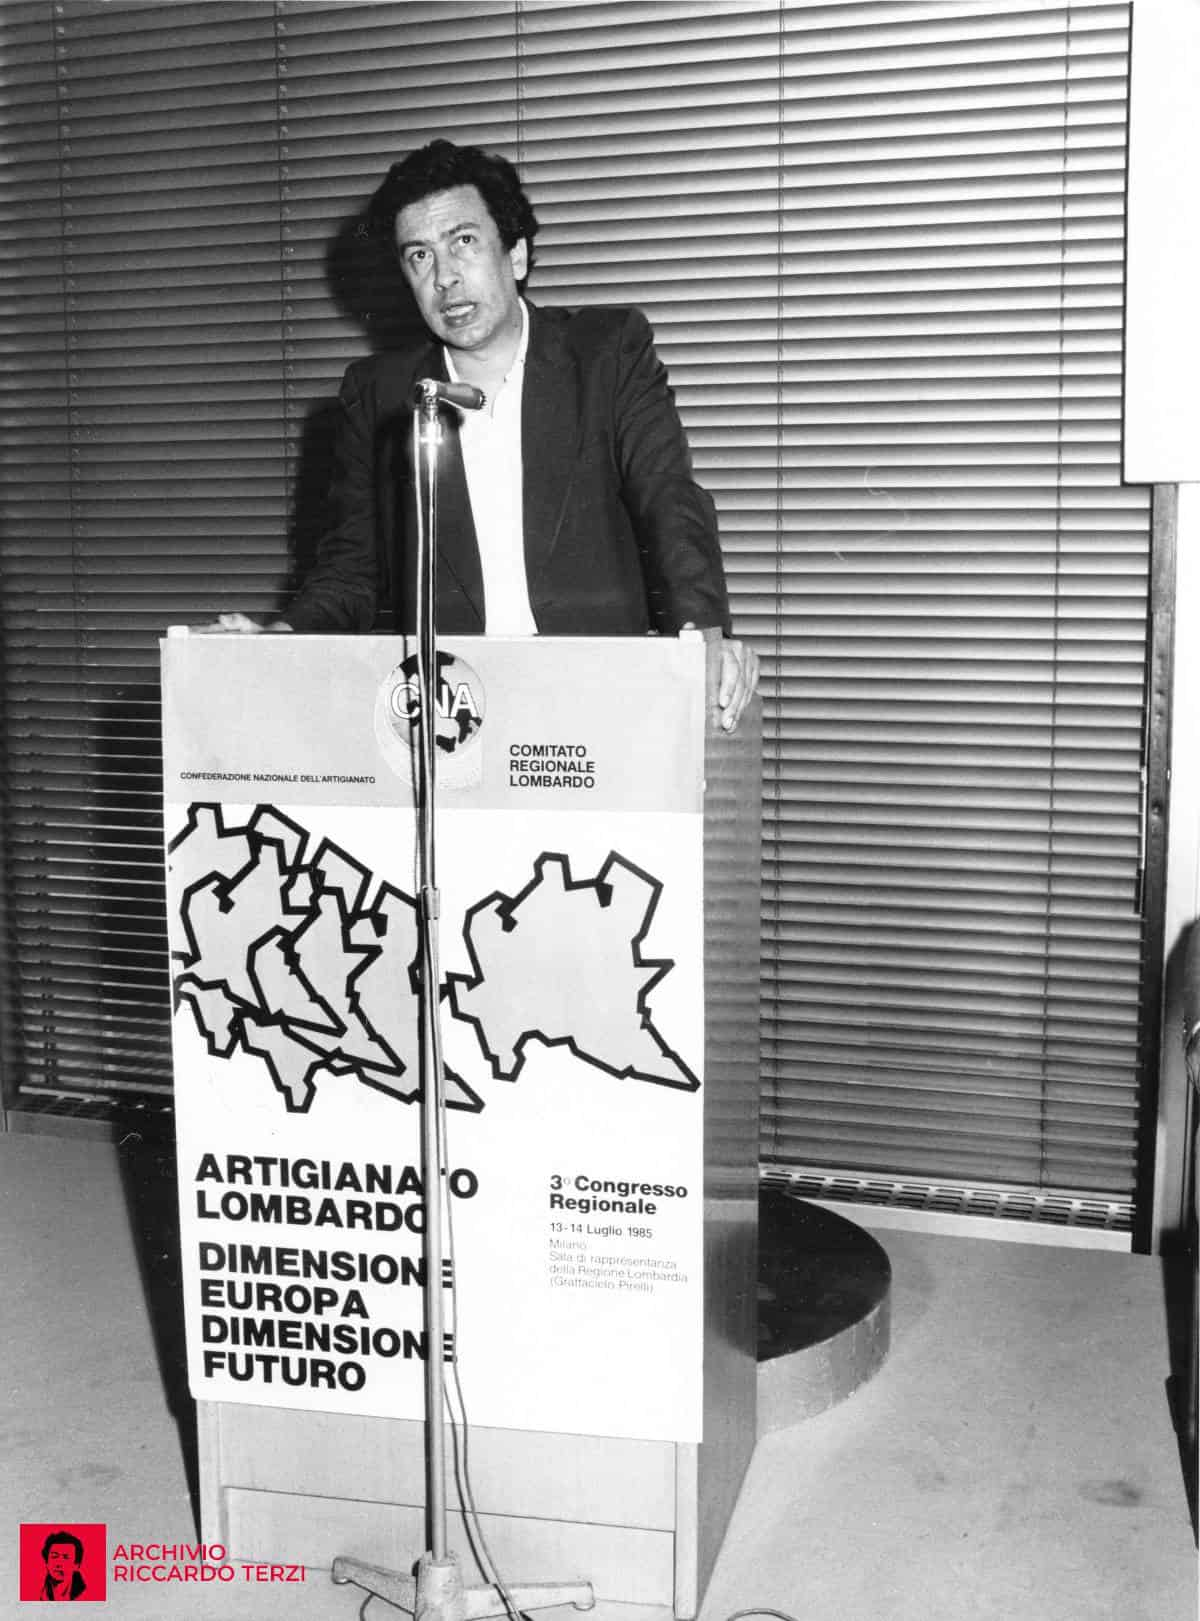 Dimensione Europa Dimensione Futuro (Milano 13 luglio 1985)